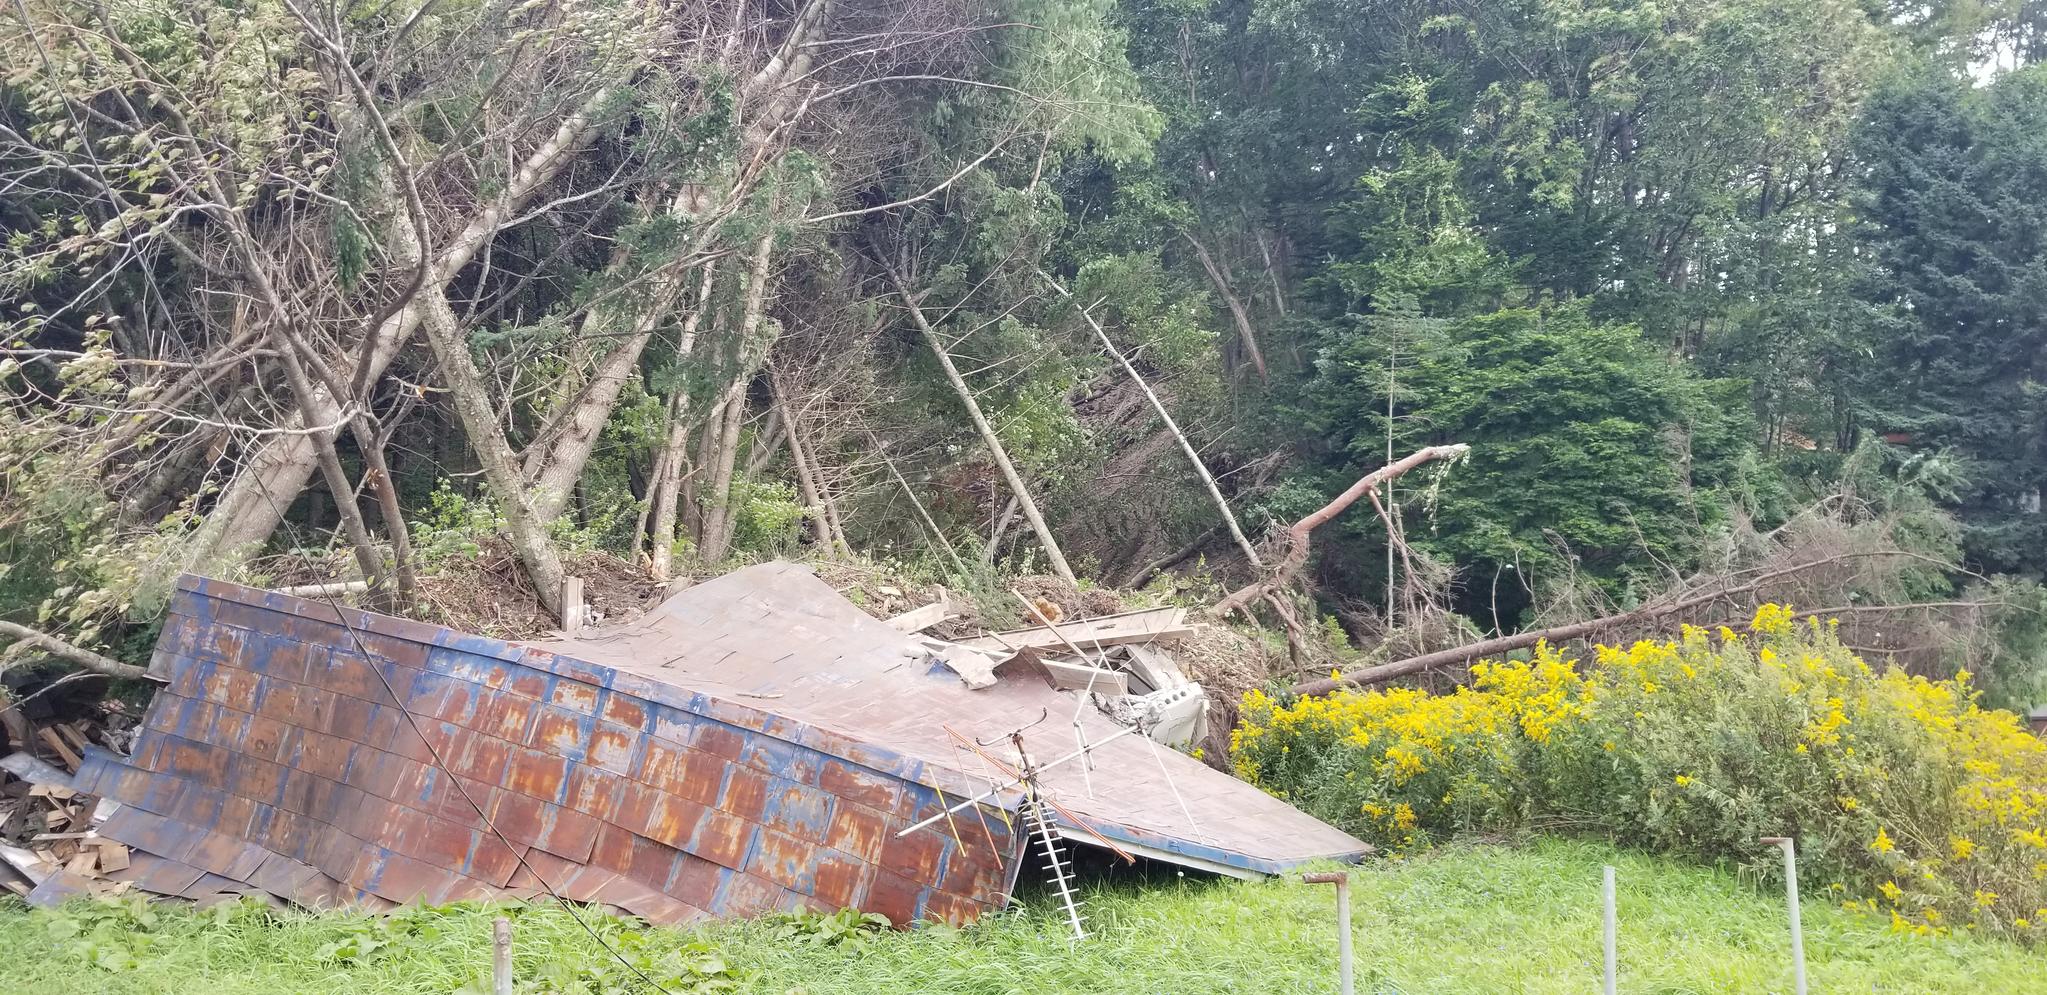 지진으로 인한 산사태와 토사 붕괴가 가옥을 집어삼킨 홋카이도 아쓰마초. 아쓰마초 여기저기가 지진 피해를 입었다. 윤설영 특파원